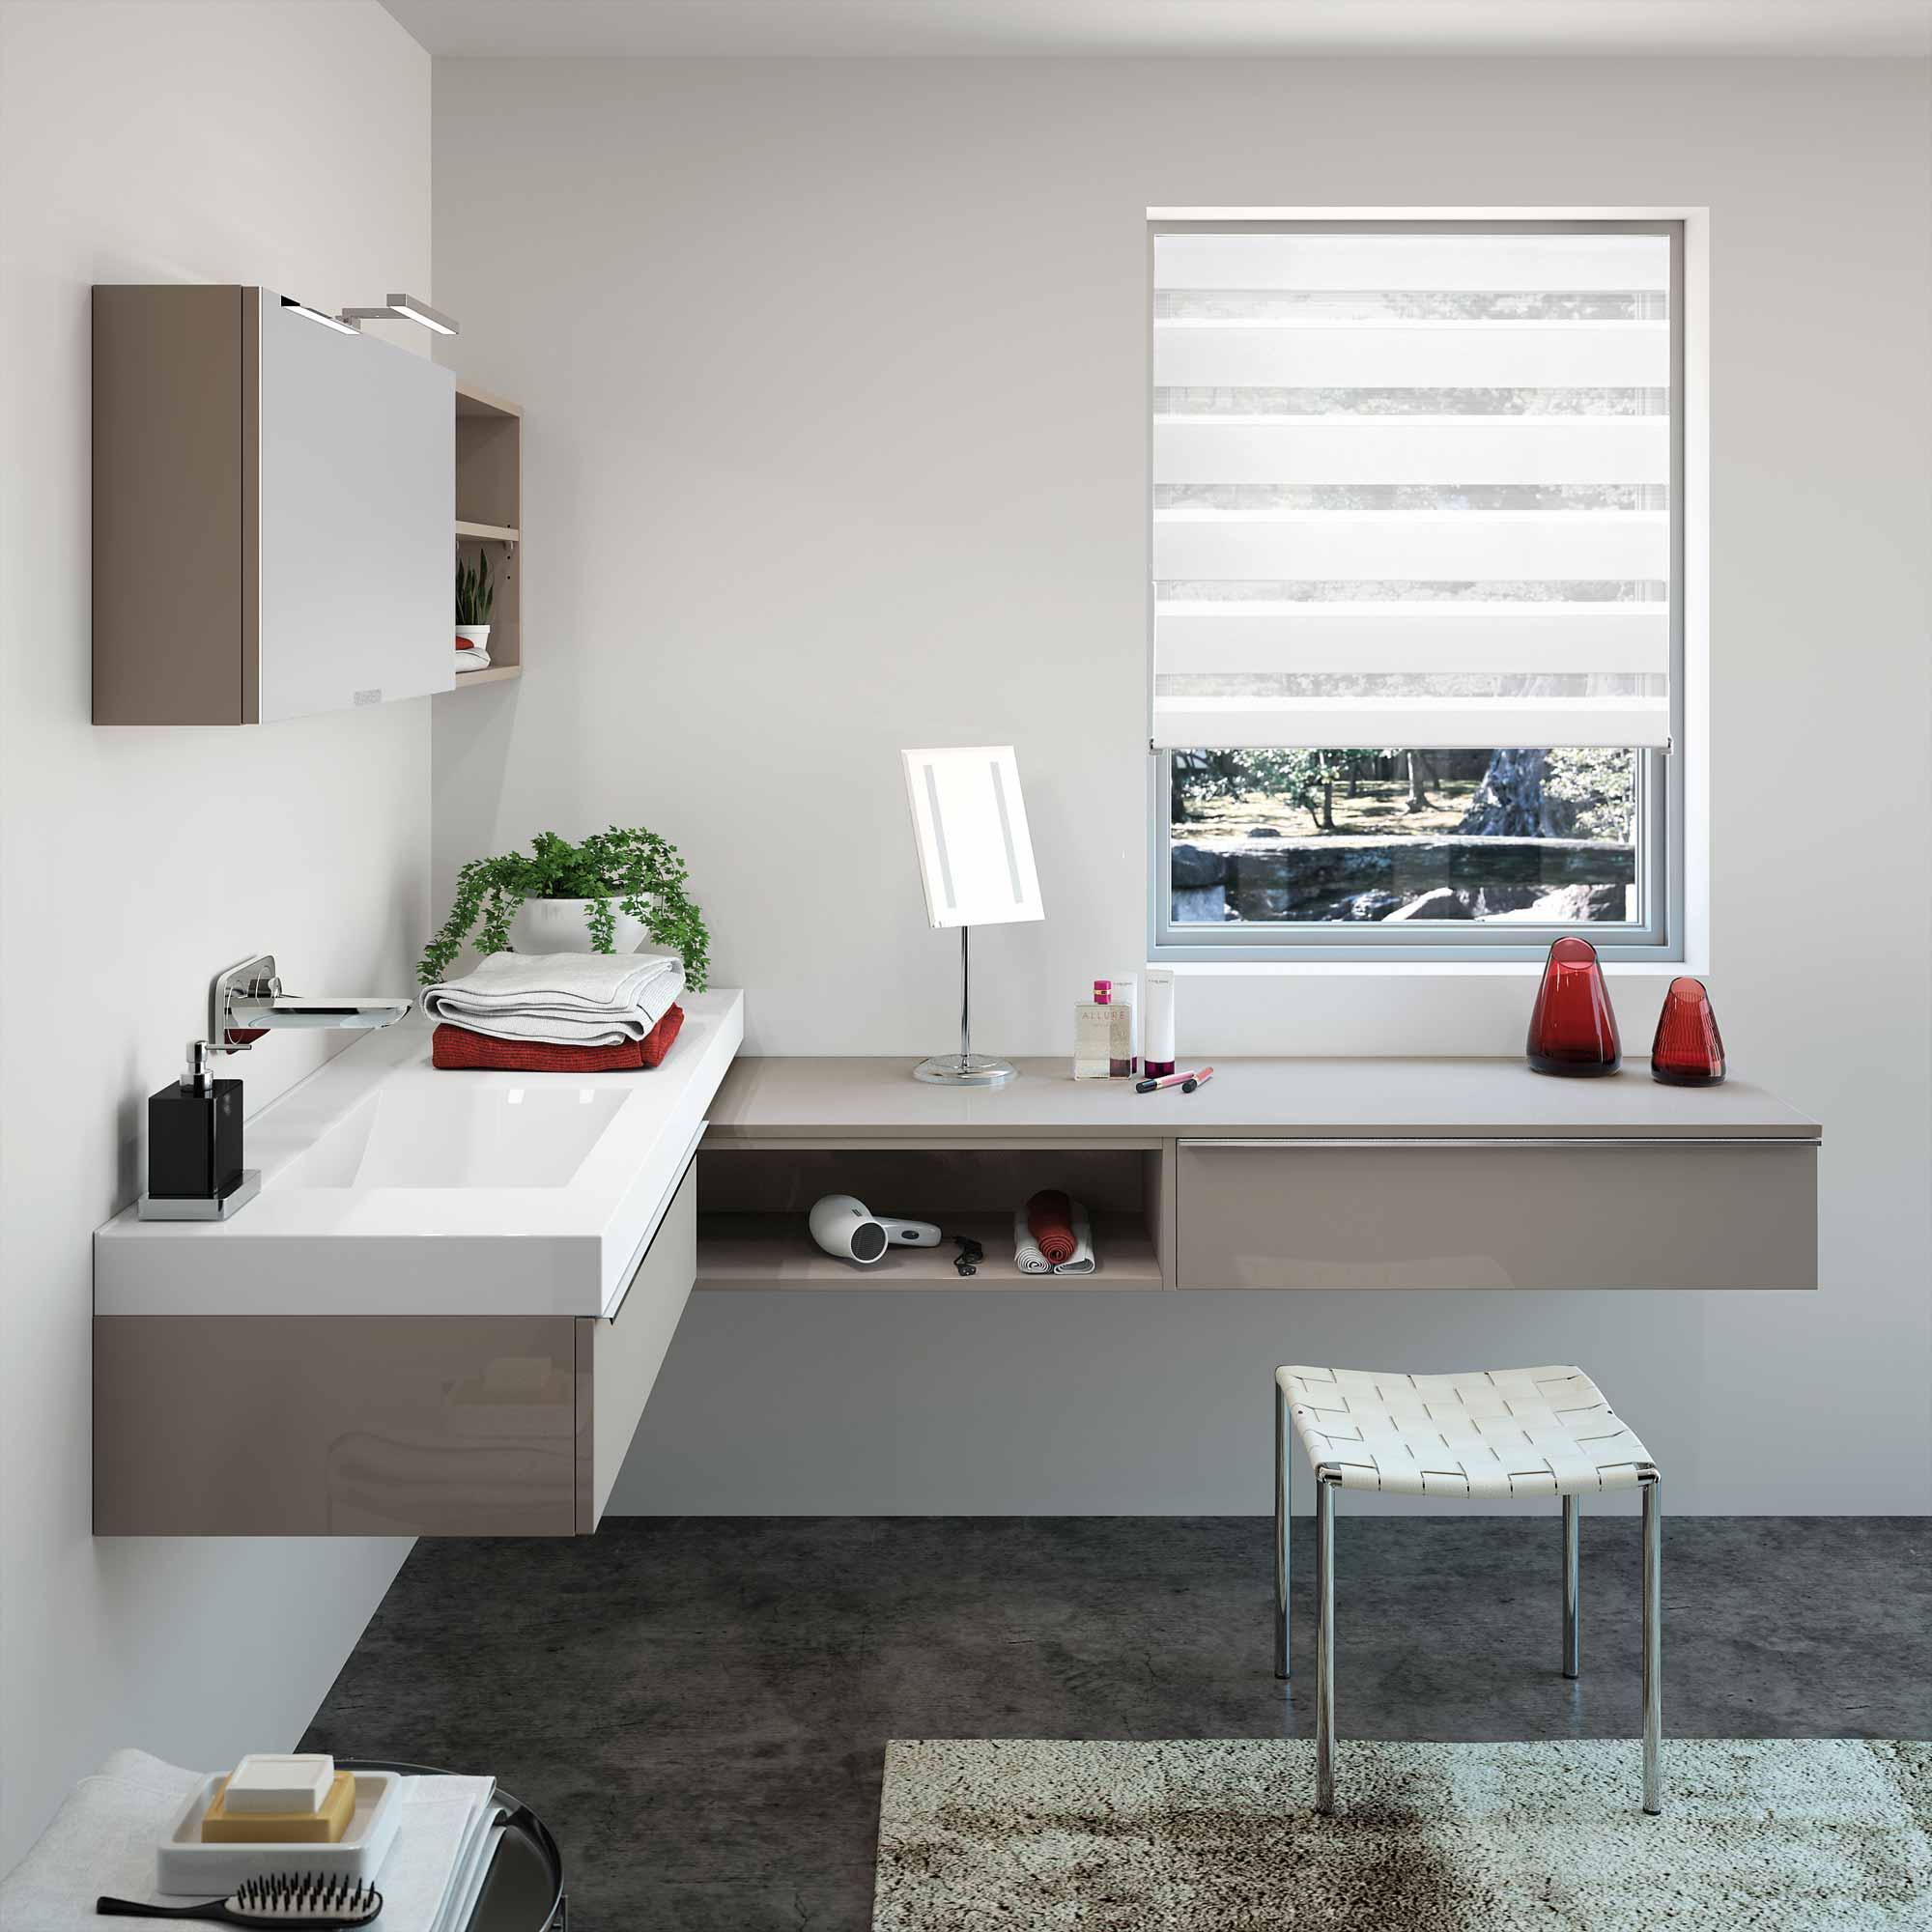 cedam lmcs la maison du carrelage balma toulouse. Black Bedroom Furniture Sets. Home Design Ideas